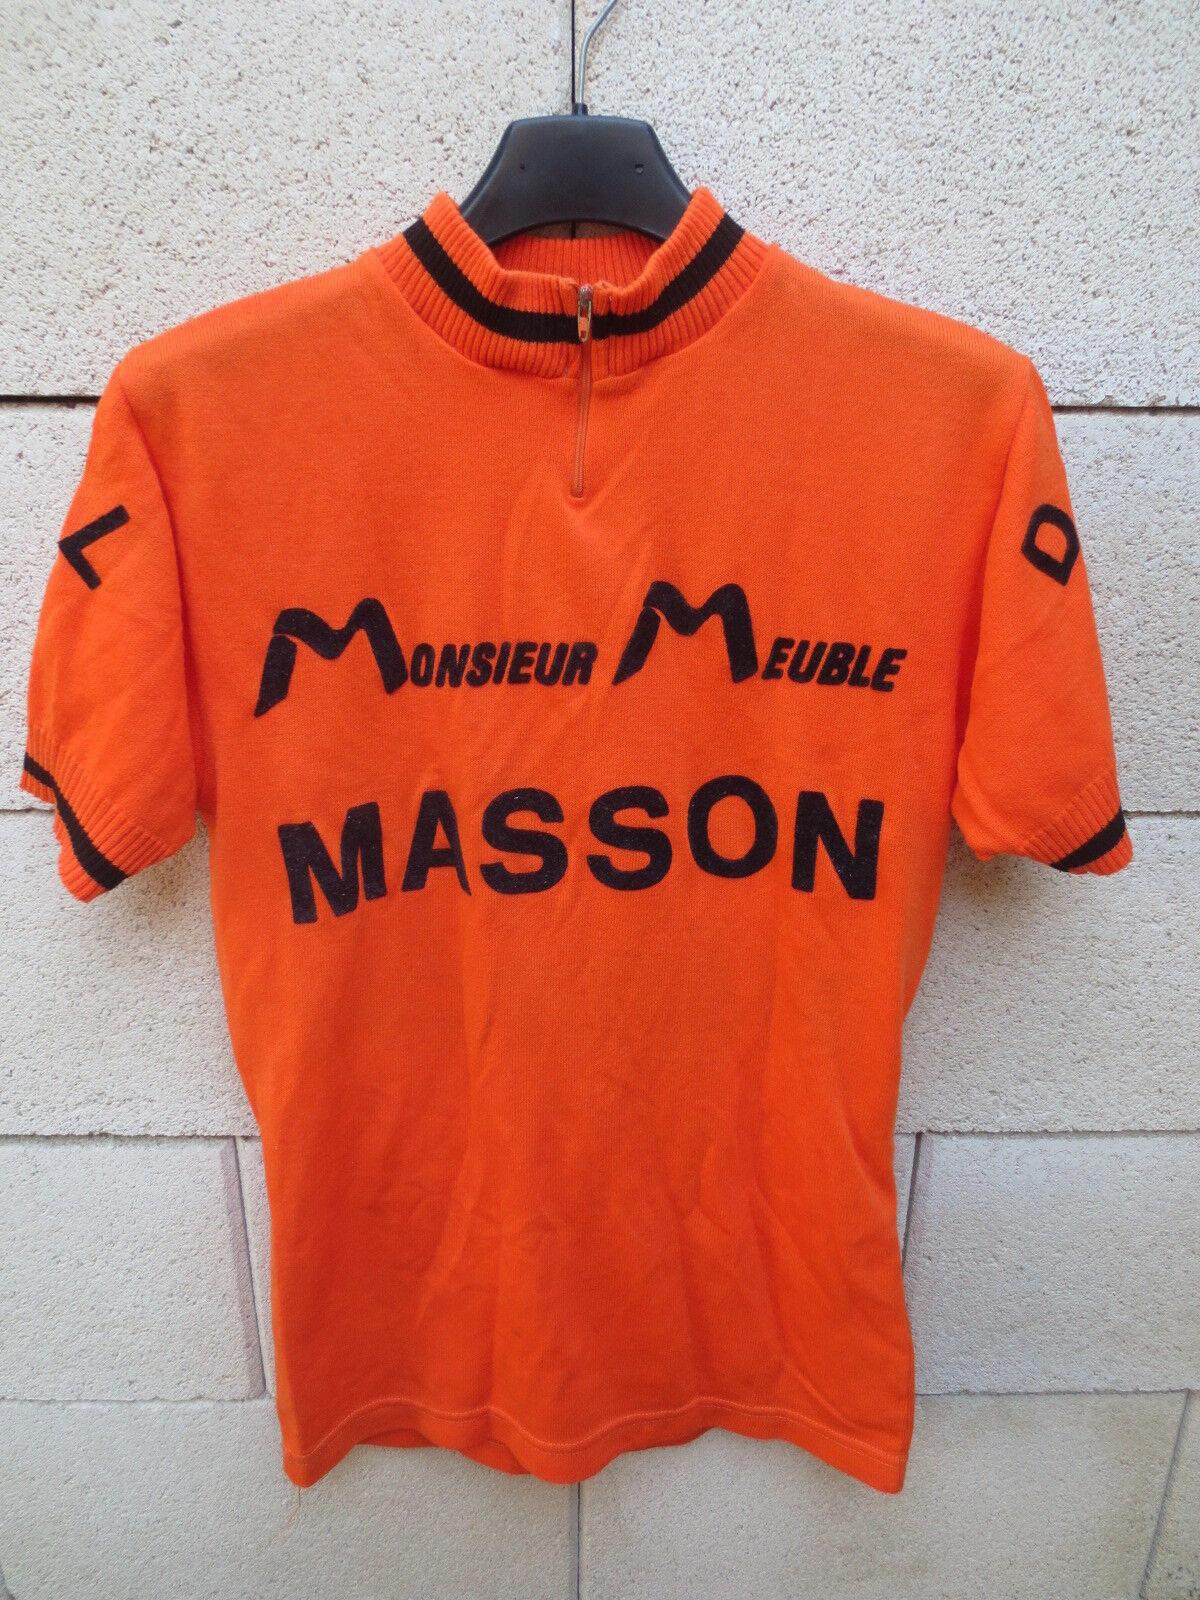 VINTAGE Maillot cycliste orange 70's DOL de BRETAGNE Monsieur Meuble MASSON M